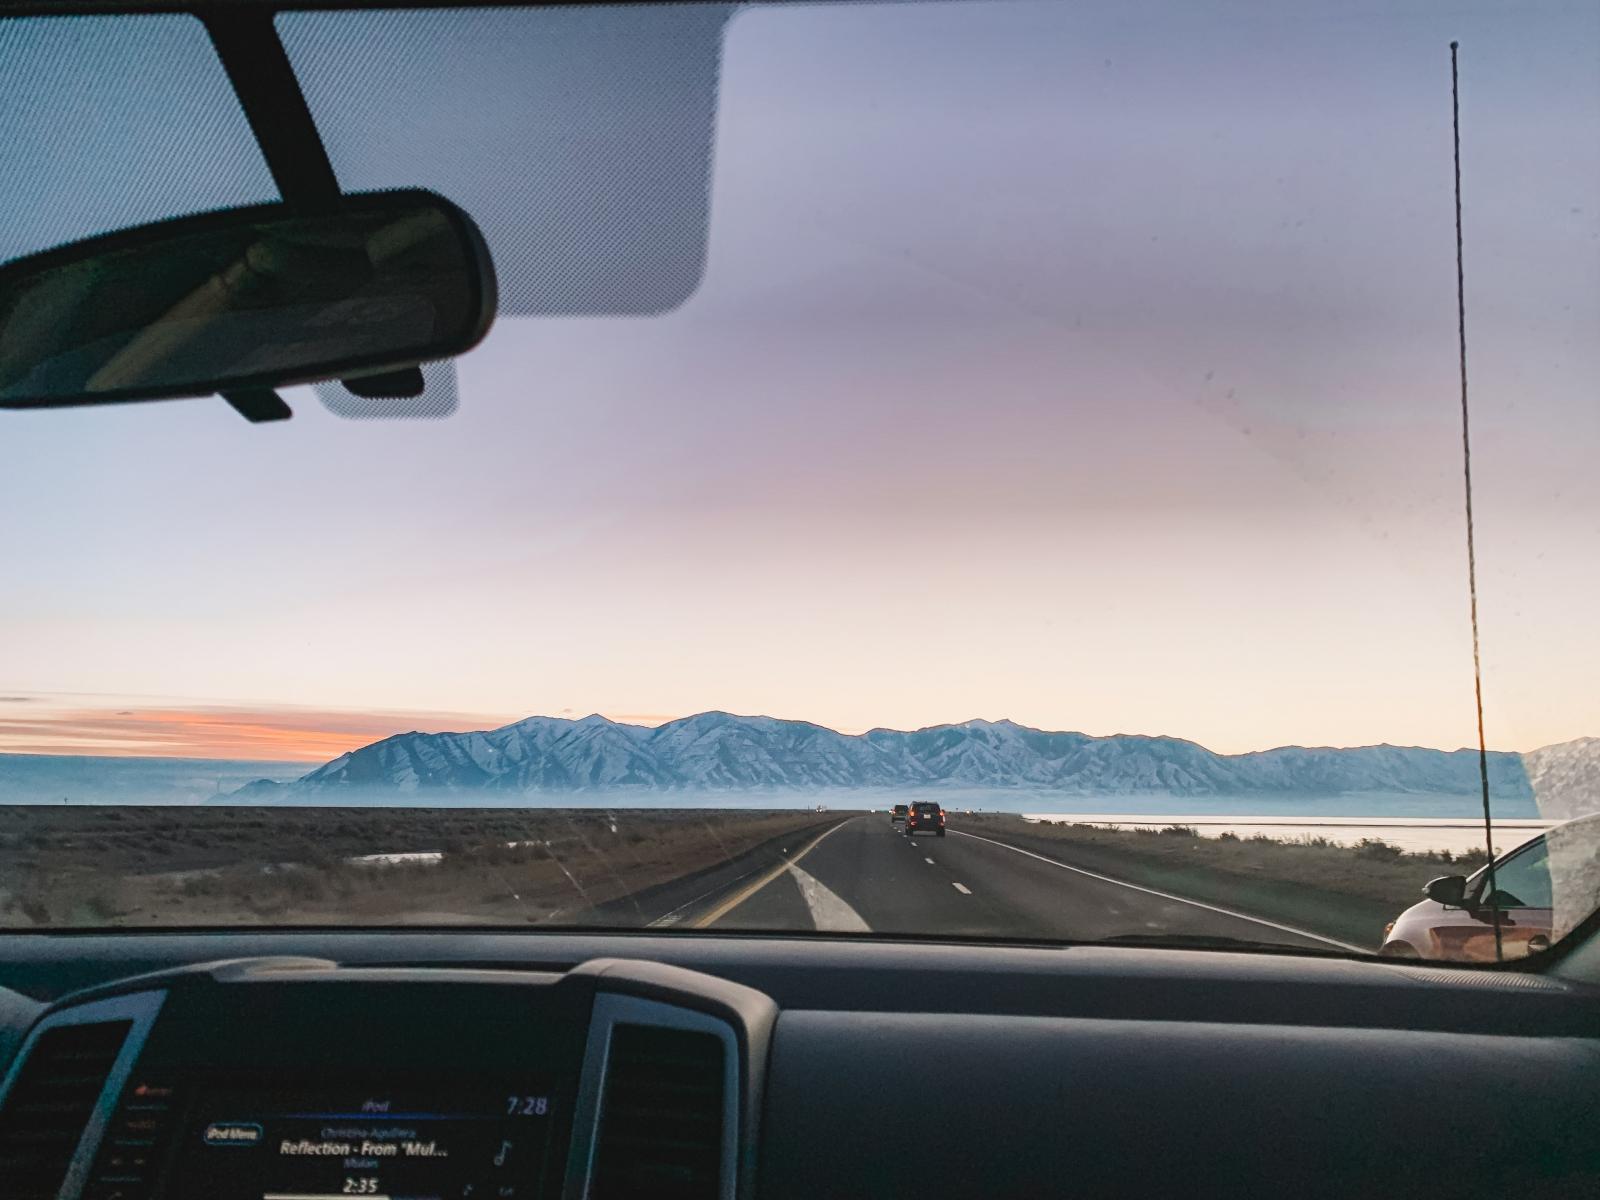 【汽車專知】擋風玻璃上的黑點是什麼?有什麼功用呢?